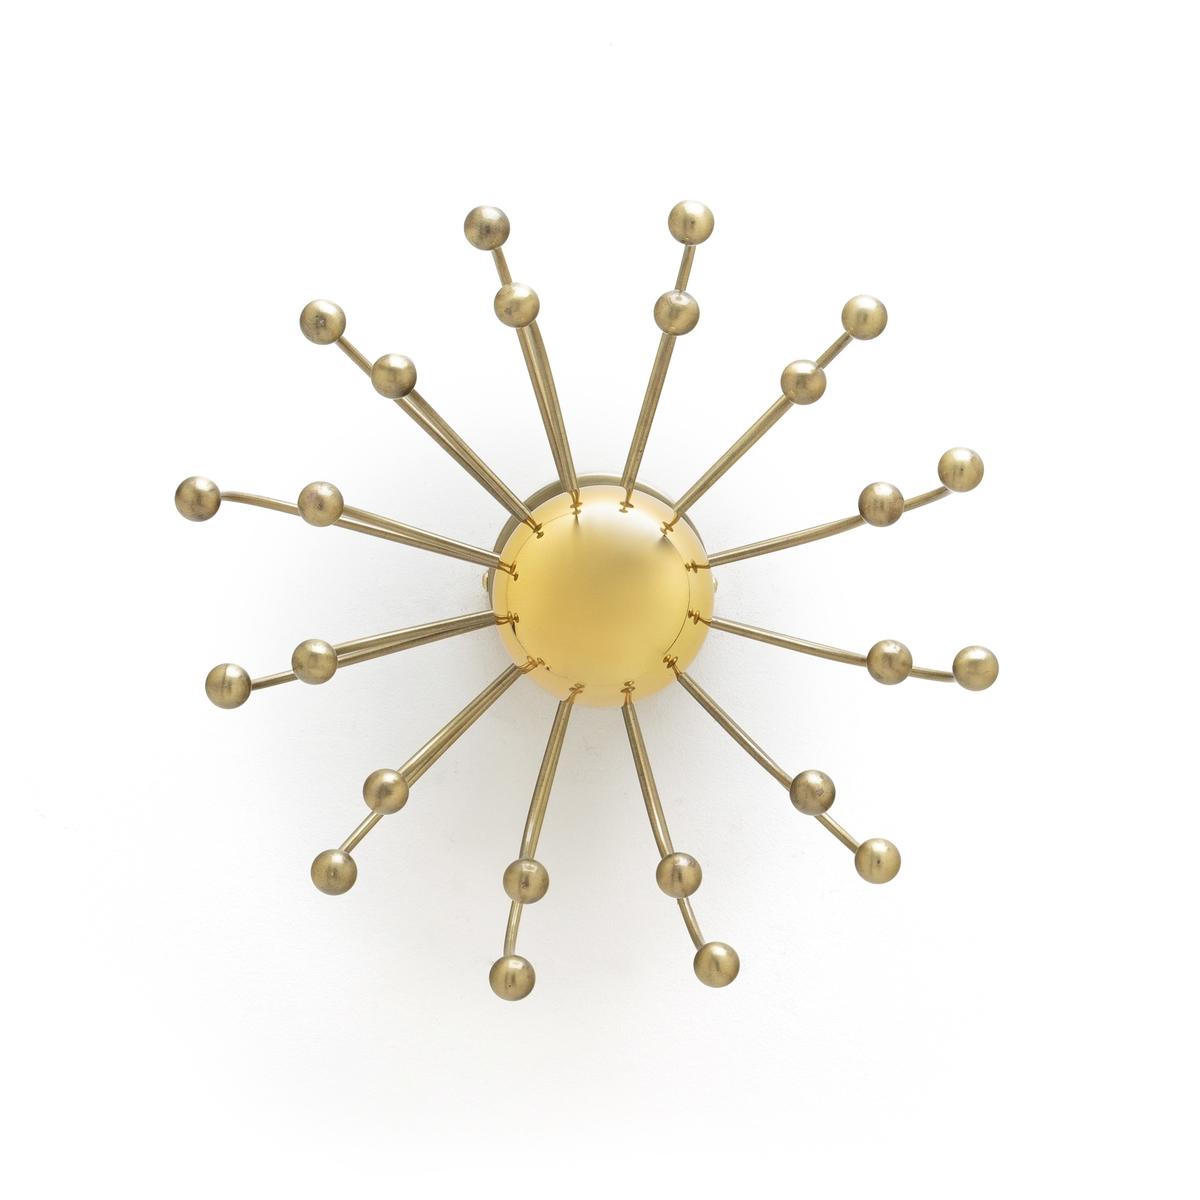 Cветильник La Redoute Настенный Ikebana единый размер желтый цена